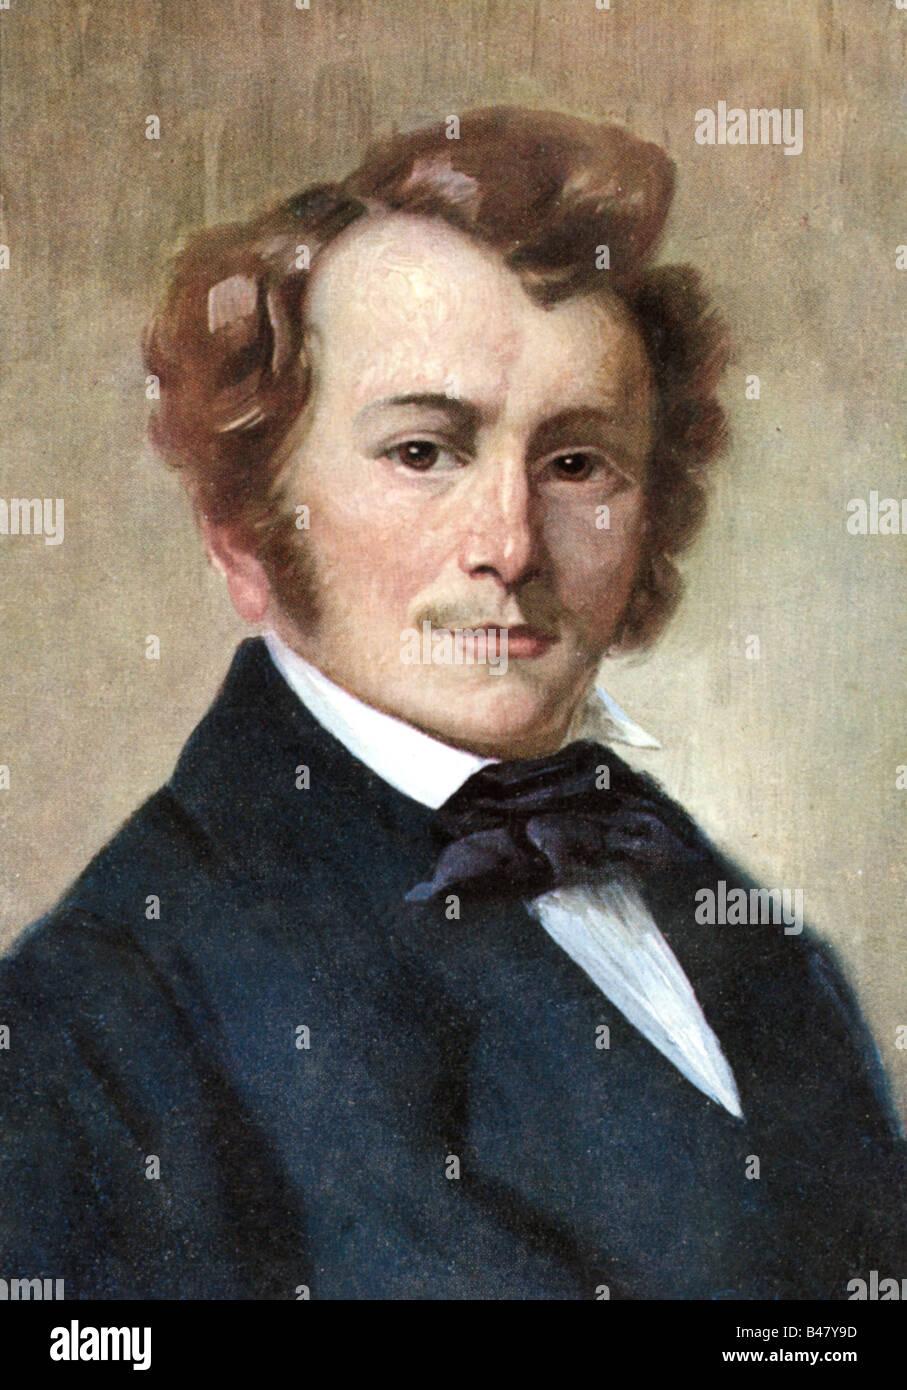 Albert Lortzing,, 23.10.1801 - 21.01.1851, compositeur allemand, portrait, peinture de Robert Einhorn, vers 1910, Banque D'Images